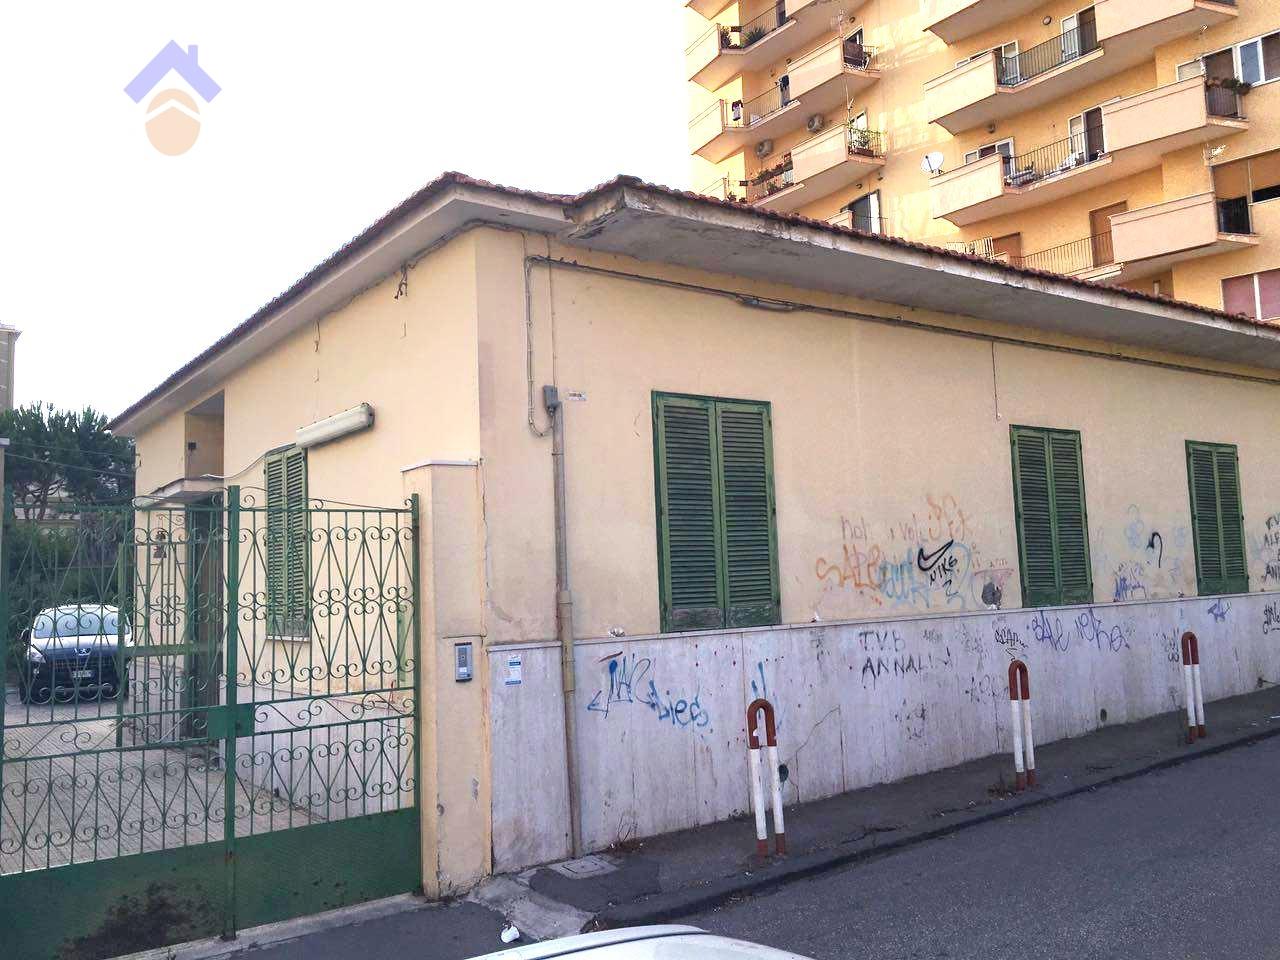 Villa in vendita a Torre Annunziata, 5 locali, zona Località: nord, prezzo € 450.000 | Cambio Casa.it